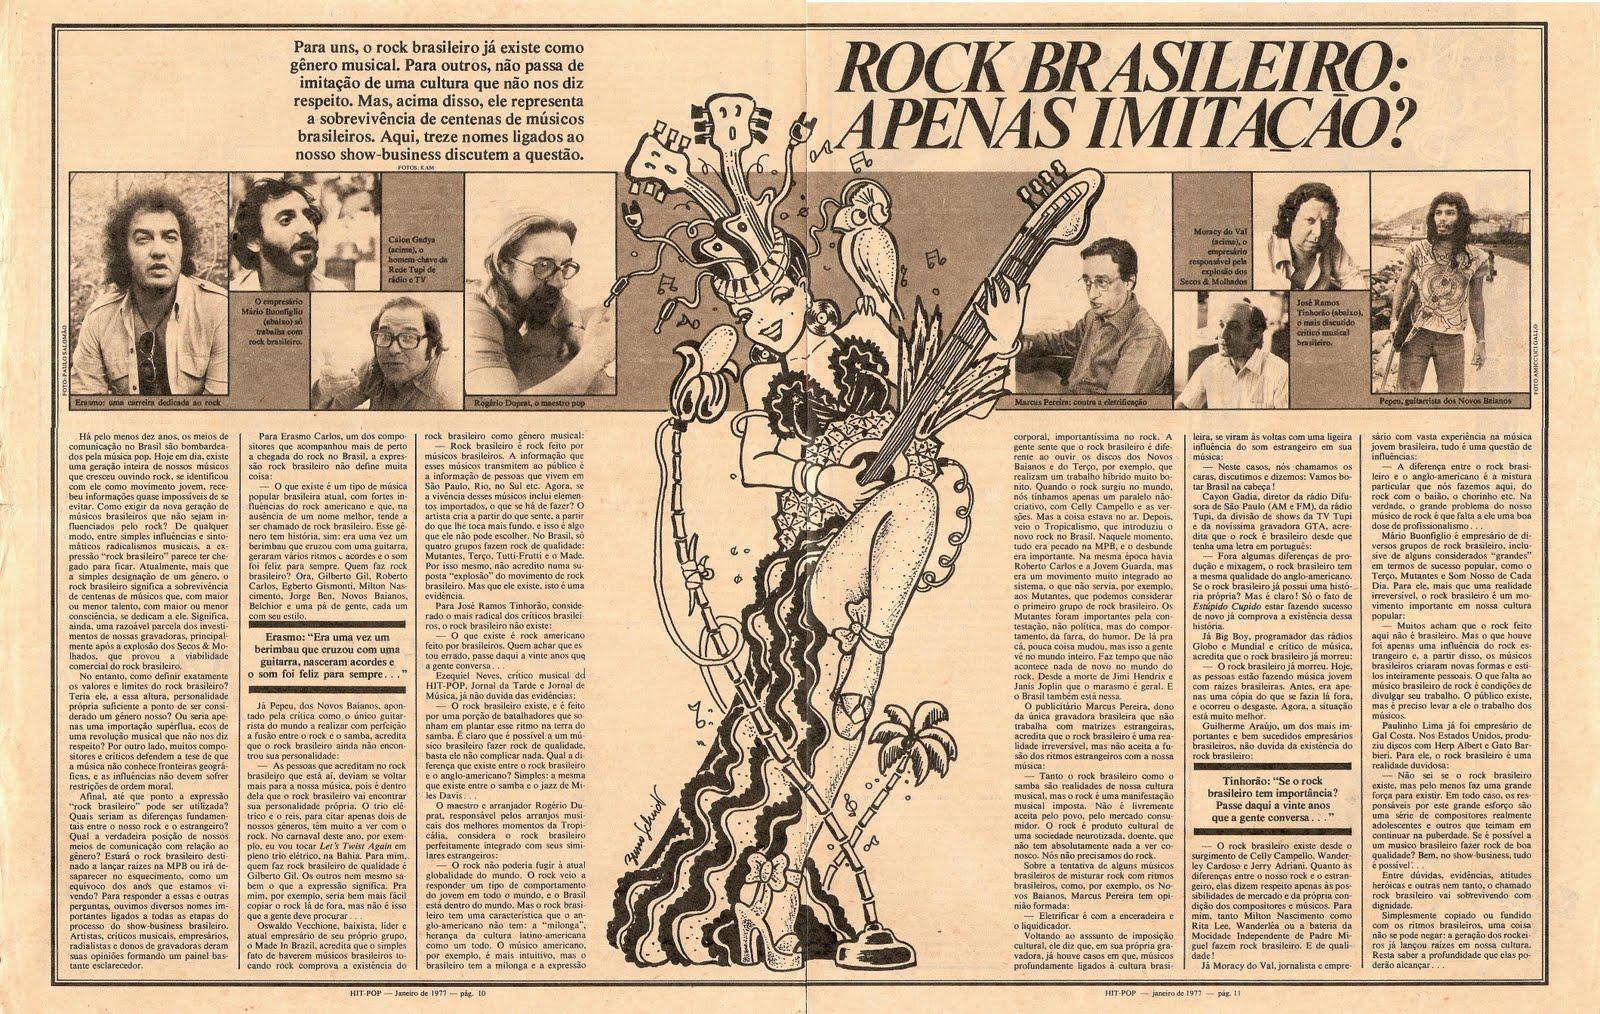 O que aconteceu com a proposta textual do rock brasileiro  Impossível  diagnosticar apenas um sintoma desta patologia incubada 0b72031d34e